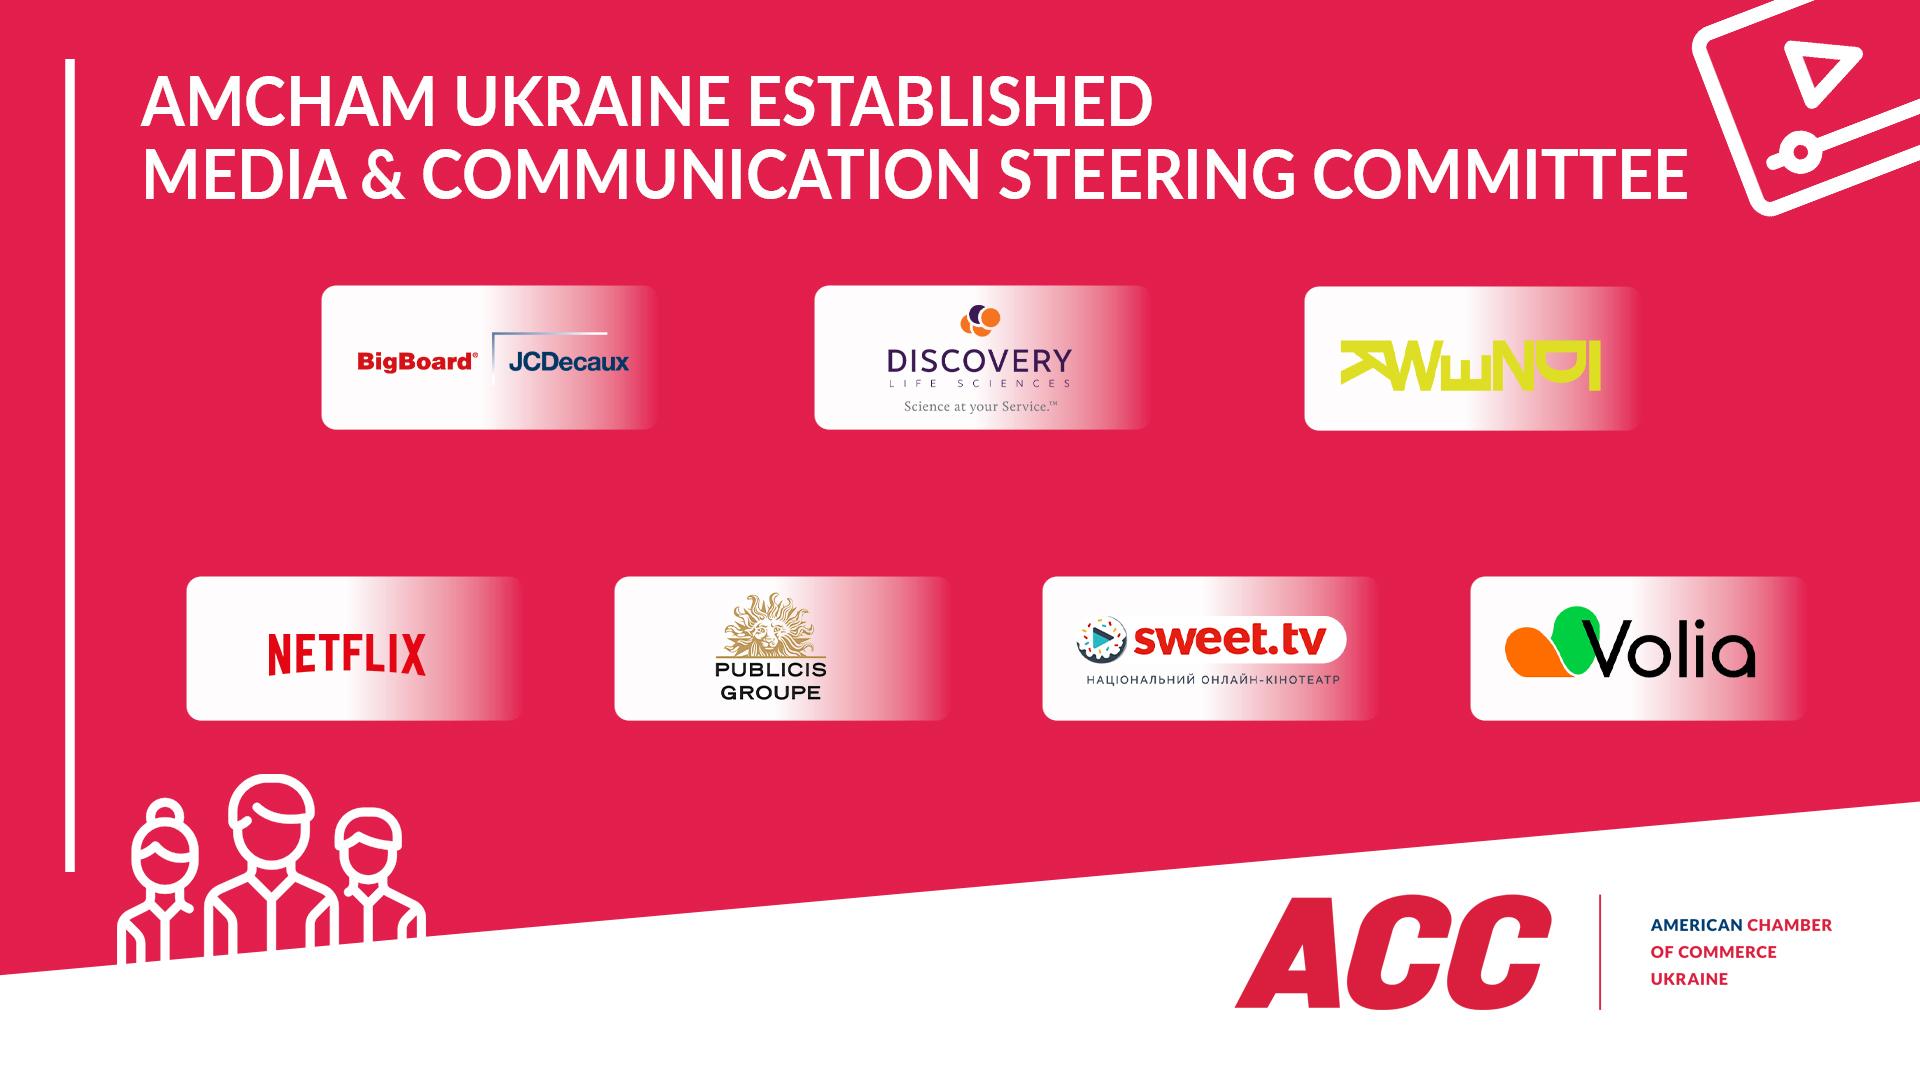 Американська торговельна палата в Україні створила Наглядову раду в рамках Комітету з питань медіа та комунікацій